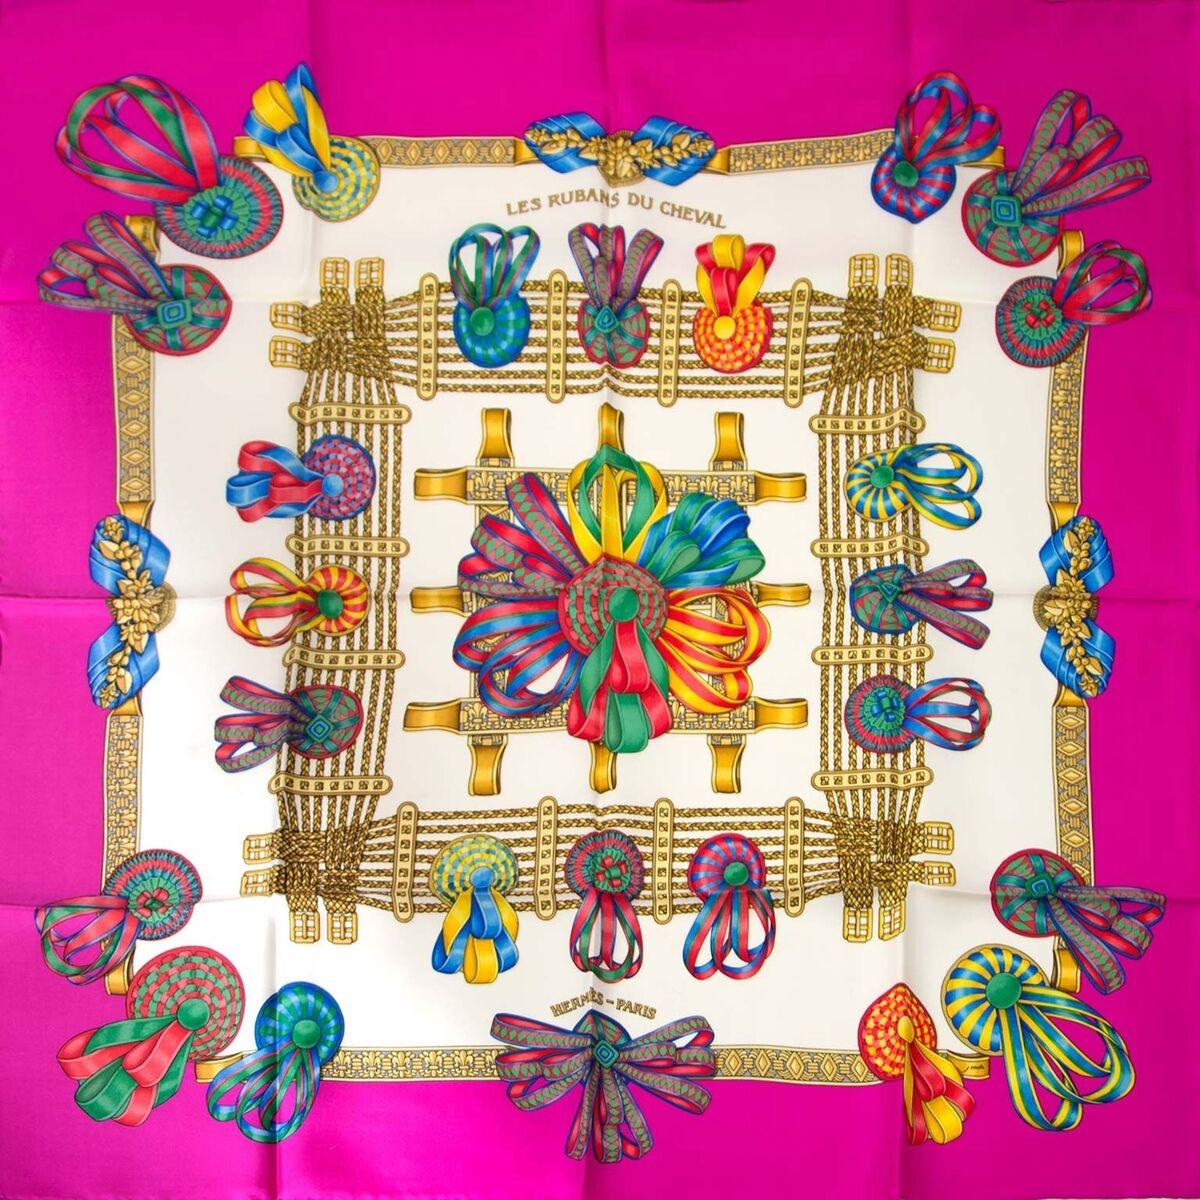 Koop authentieke tweedehands Hermes carré sjaals aan een eerlijke prijs bij LabelLOV. Veilig online shoppen.